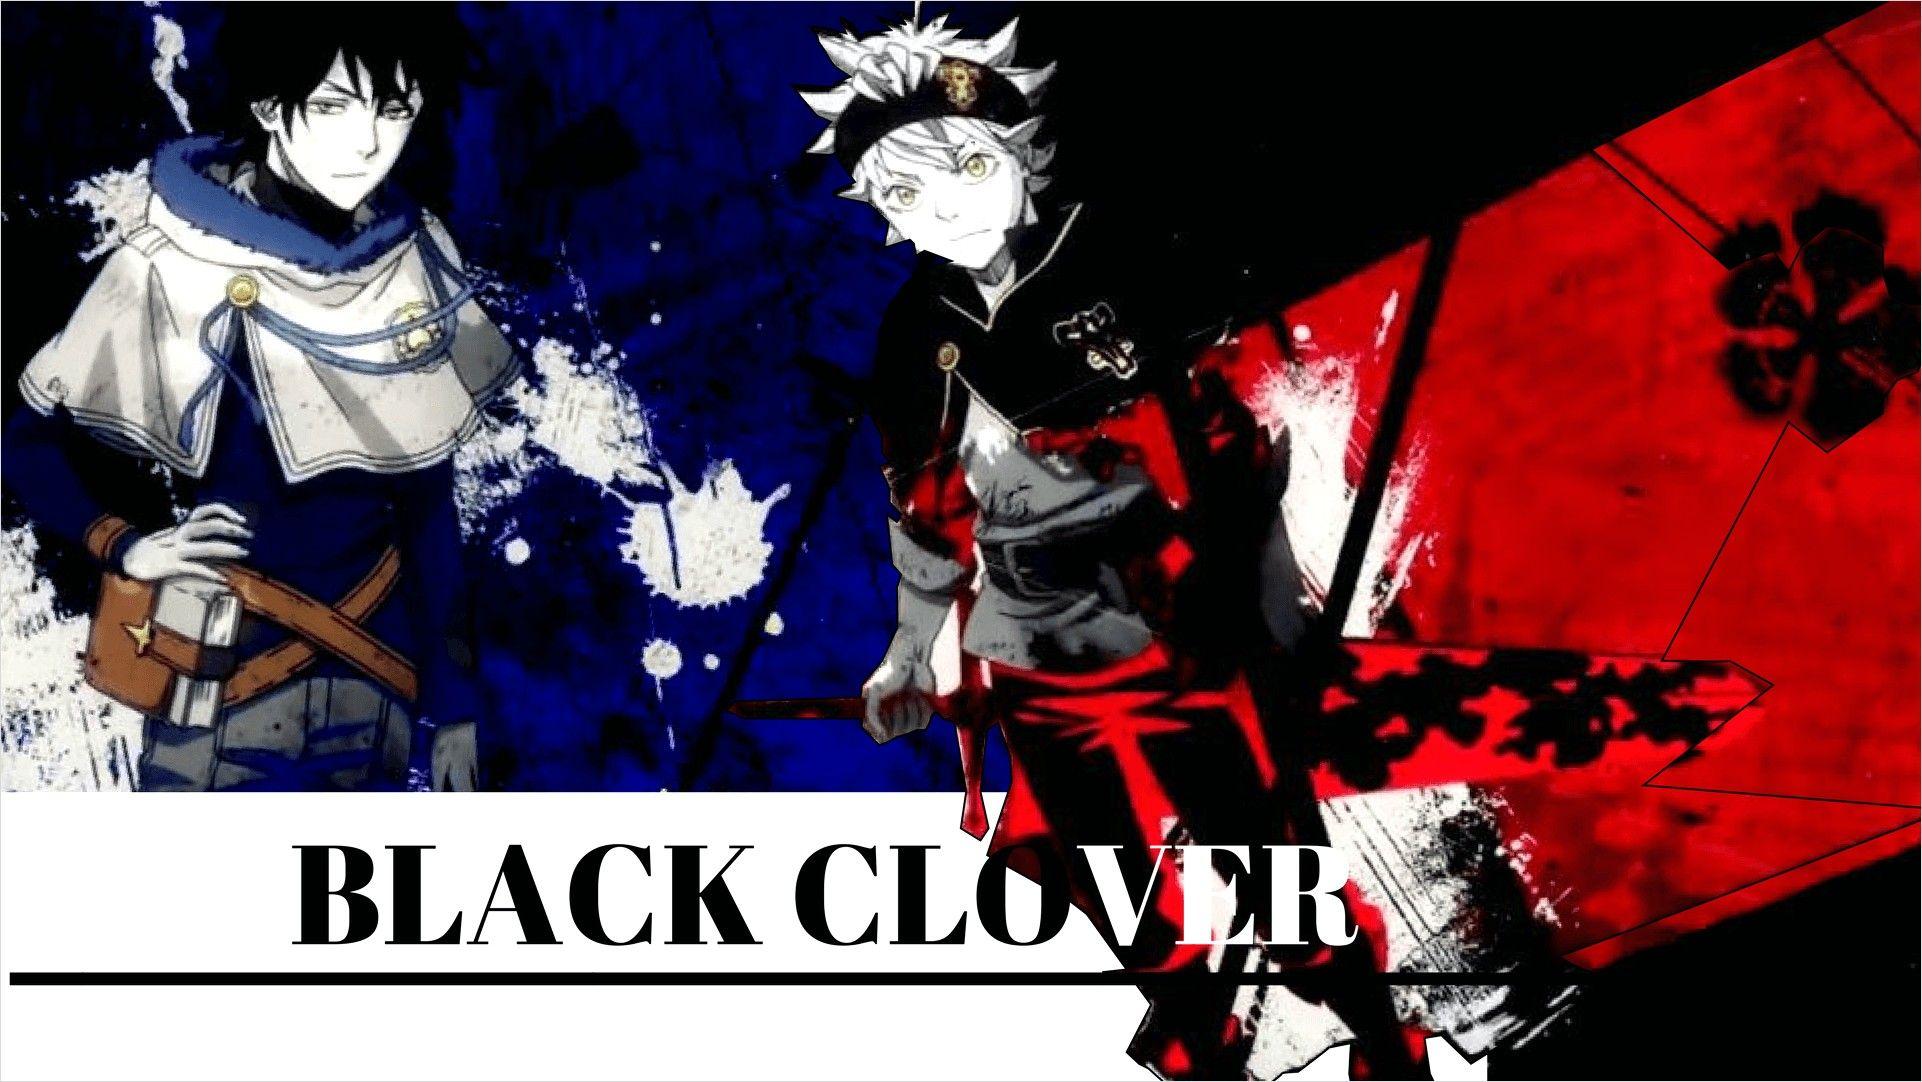 4k Wallpaper Black Clover 1920 1080 In 2020 Black Clover Anime